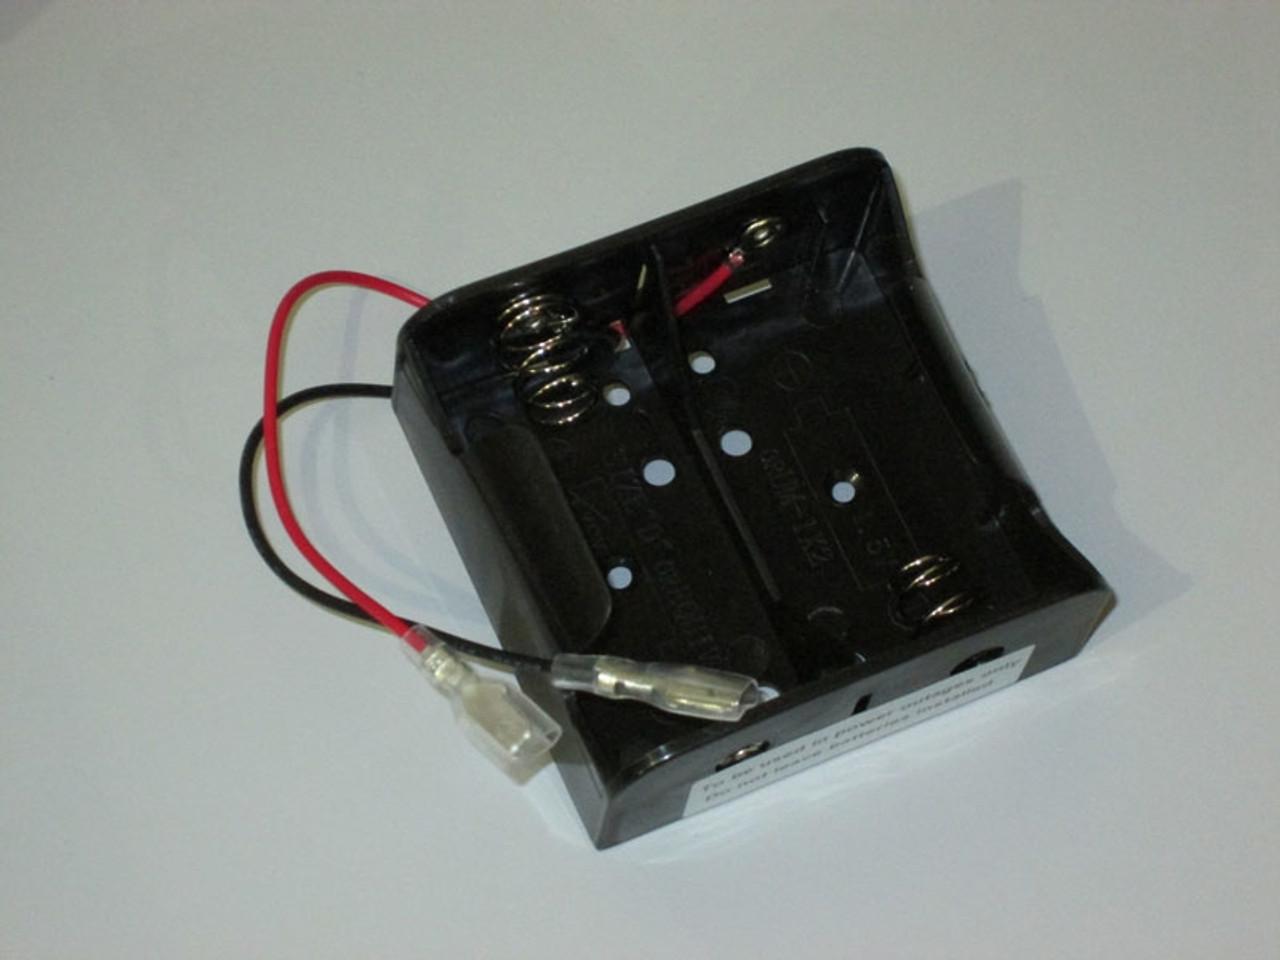 Quadrafire Heat N Glo And Heatilator Battery Pack 593 594a